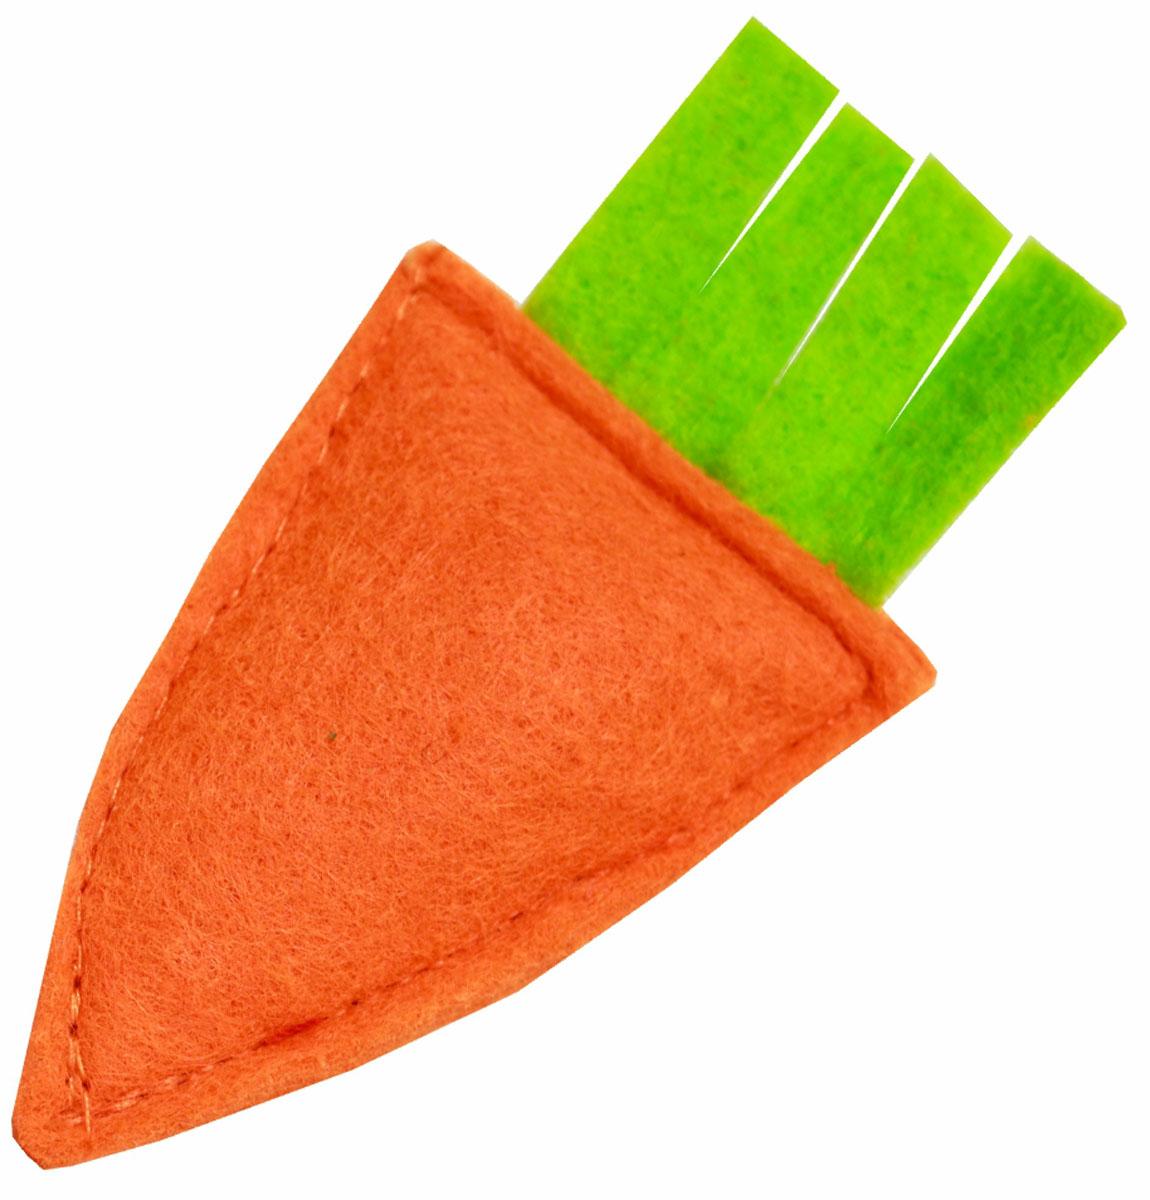 Игрушка для кошек Smart Textile Мини Морковка, с кошачьей мятой, цвет: оранжевый, 5 смGC393Если вы часто путешествуете, посещаете гостей и выставки вместе с вашим любимцем, то игрушка Smart Textile Мини Морковка создана специально для вас и вашего питомца. Аромат 100% натуральной кошачьей мяты успокоит питомца и даст возможность комфортно перенести дорогу или переезд. Миниатюрный размер игрушки позволит положить ее в карман сумки или куртки.